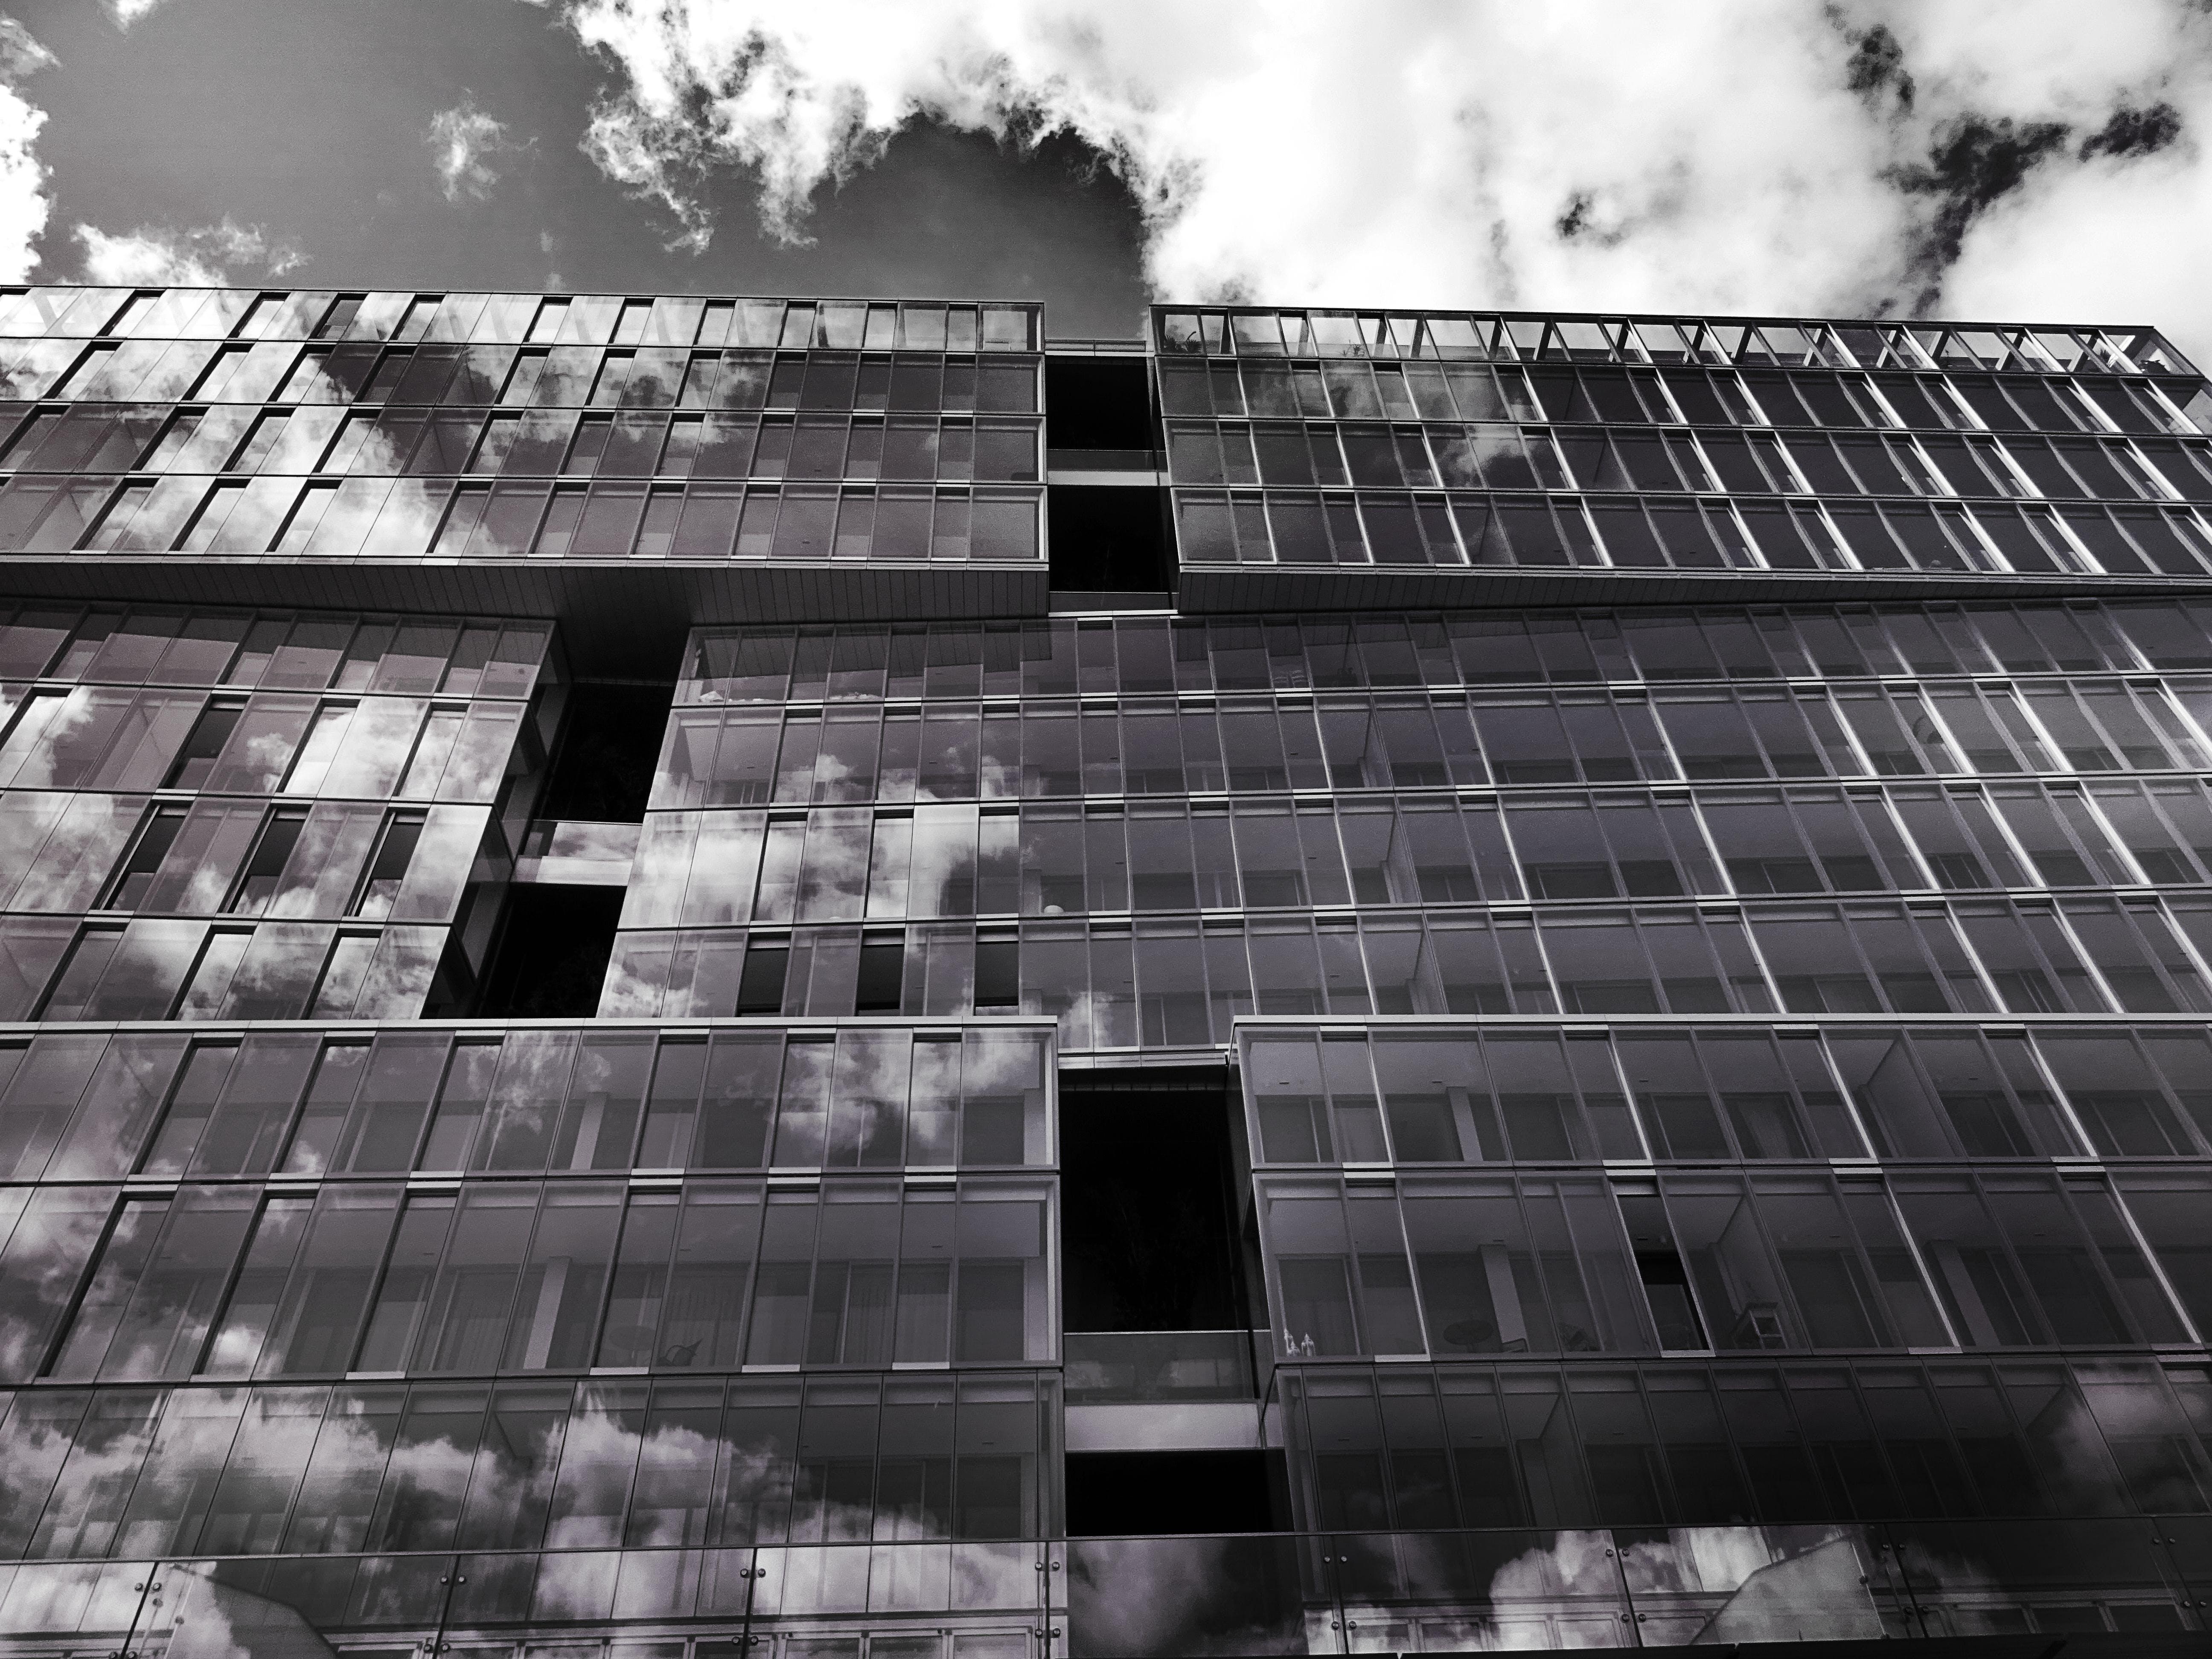 Fotos de stock gratuitas de arquitectura, arquitectura moderna, artículos de cristal, cielo